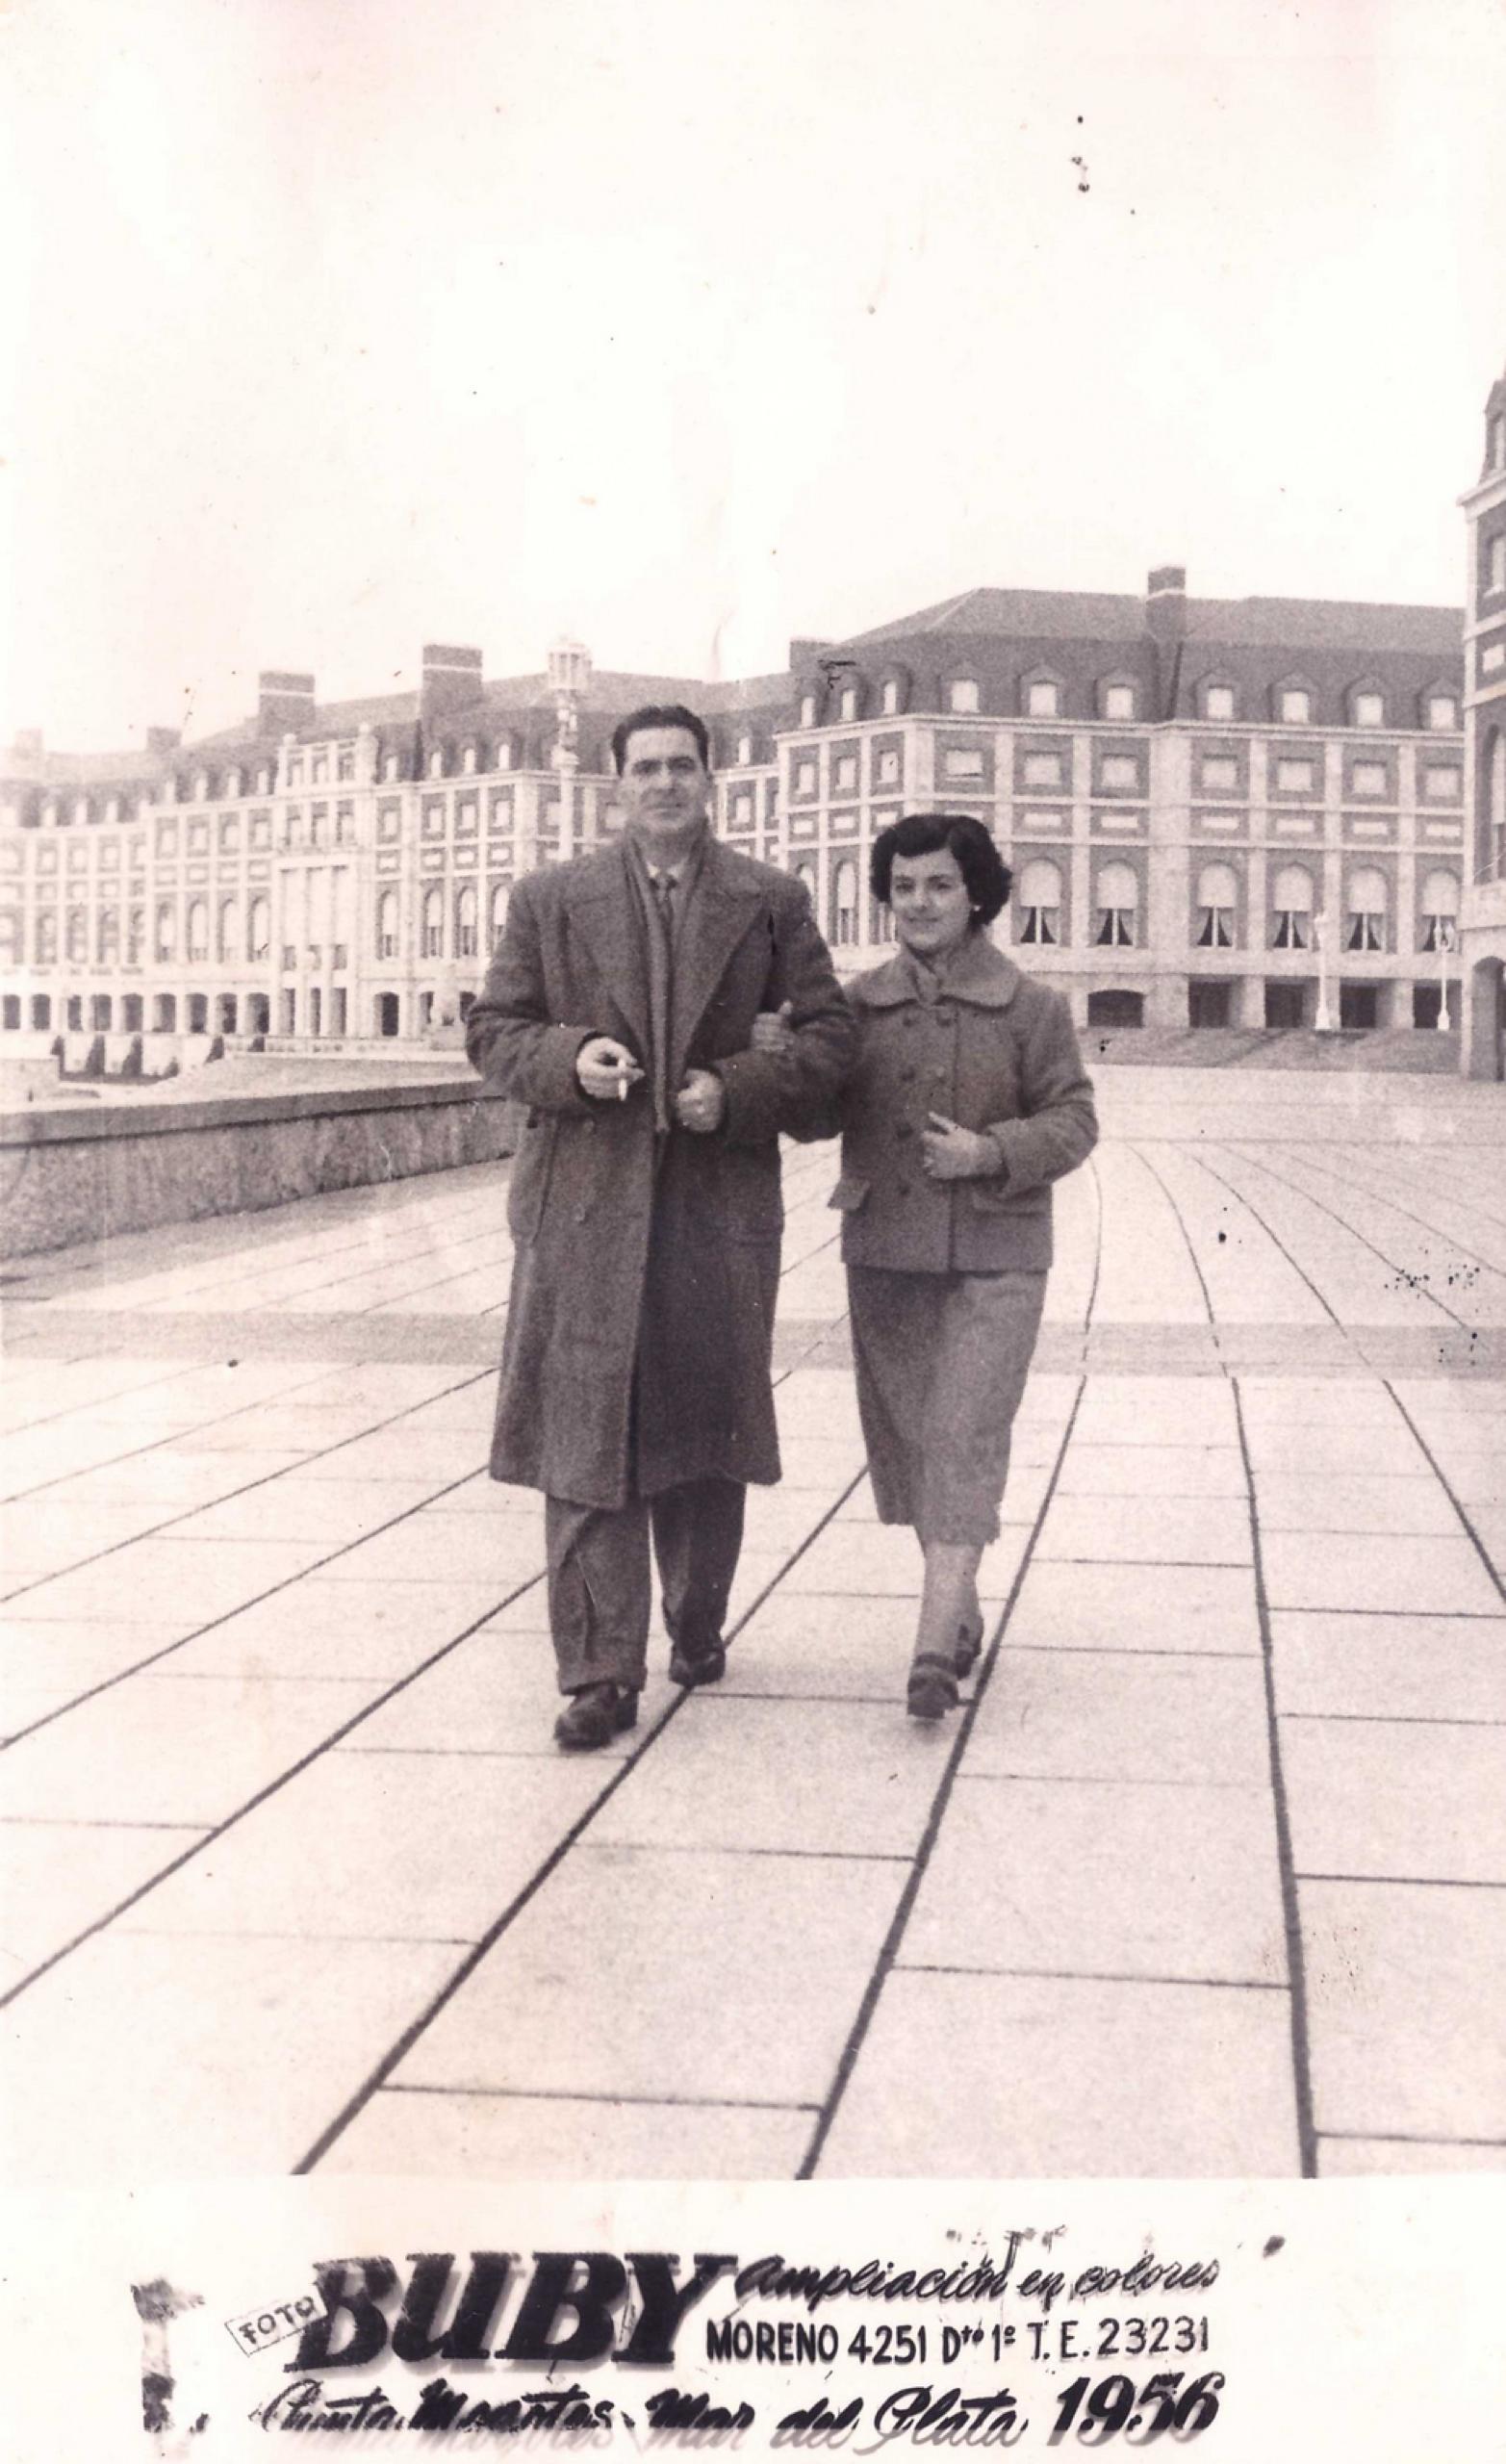 Delia e Renato, Mar del Plata 1956